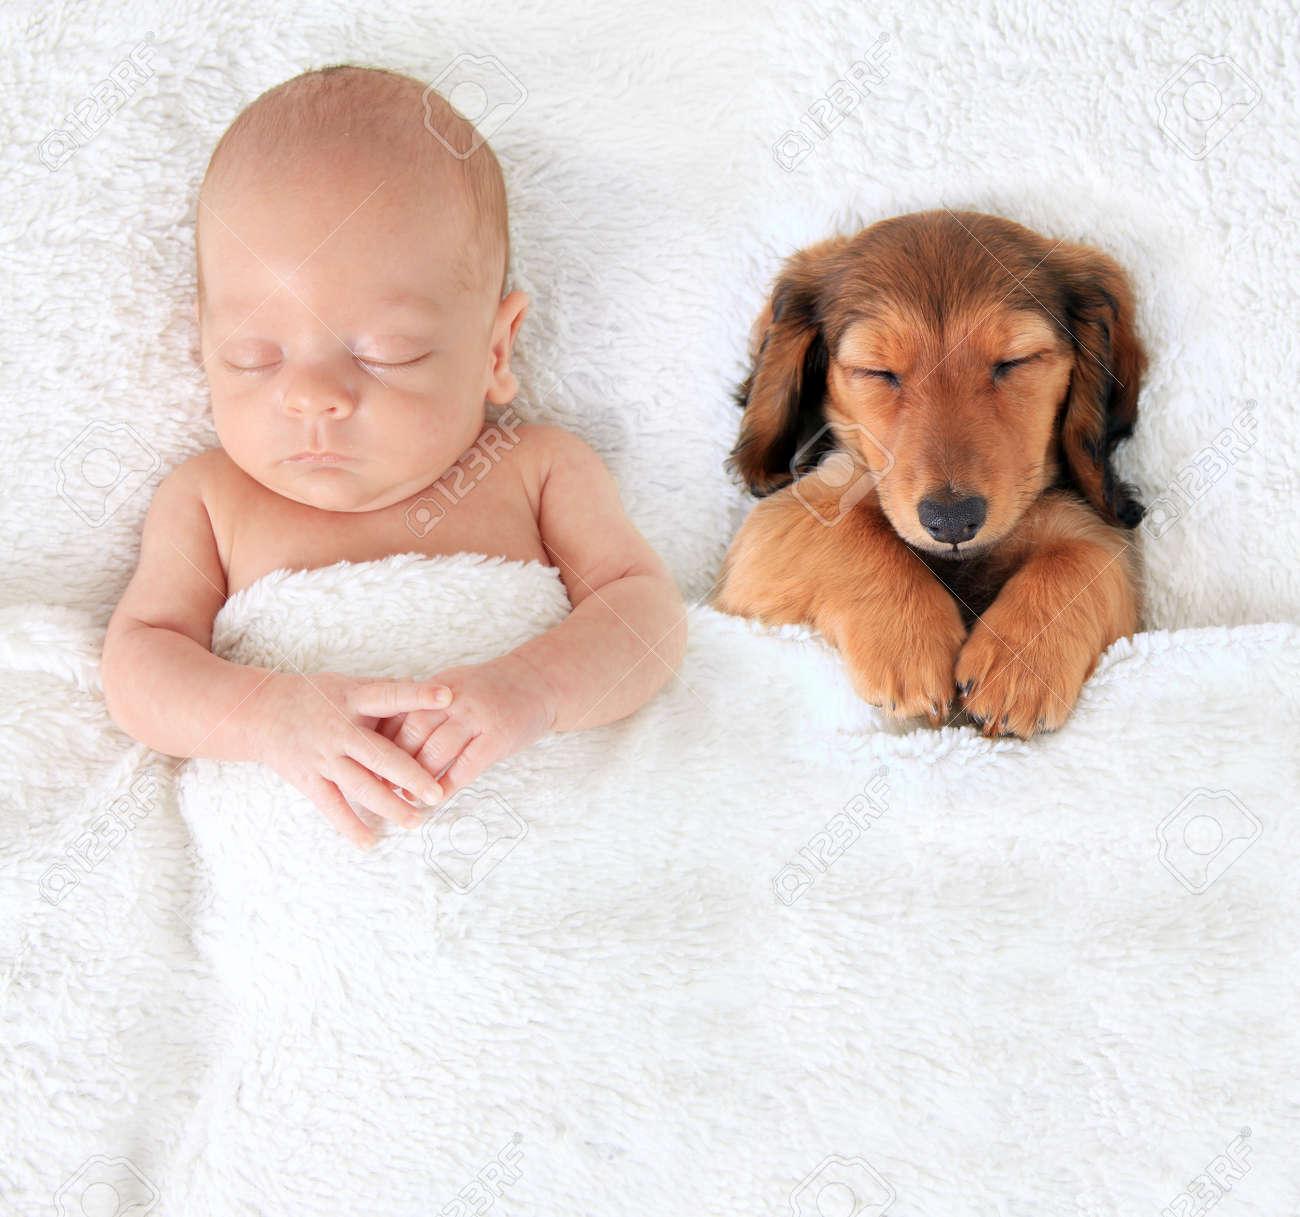 Duerme El Niño Recién Nacido Junto A Un Cachorro De Perro Salchicha ...